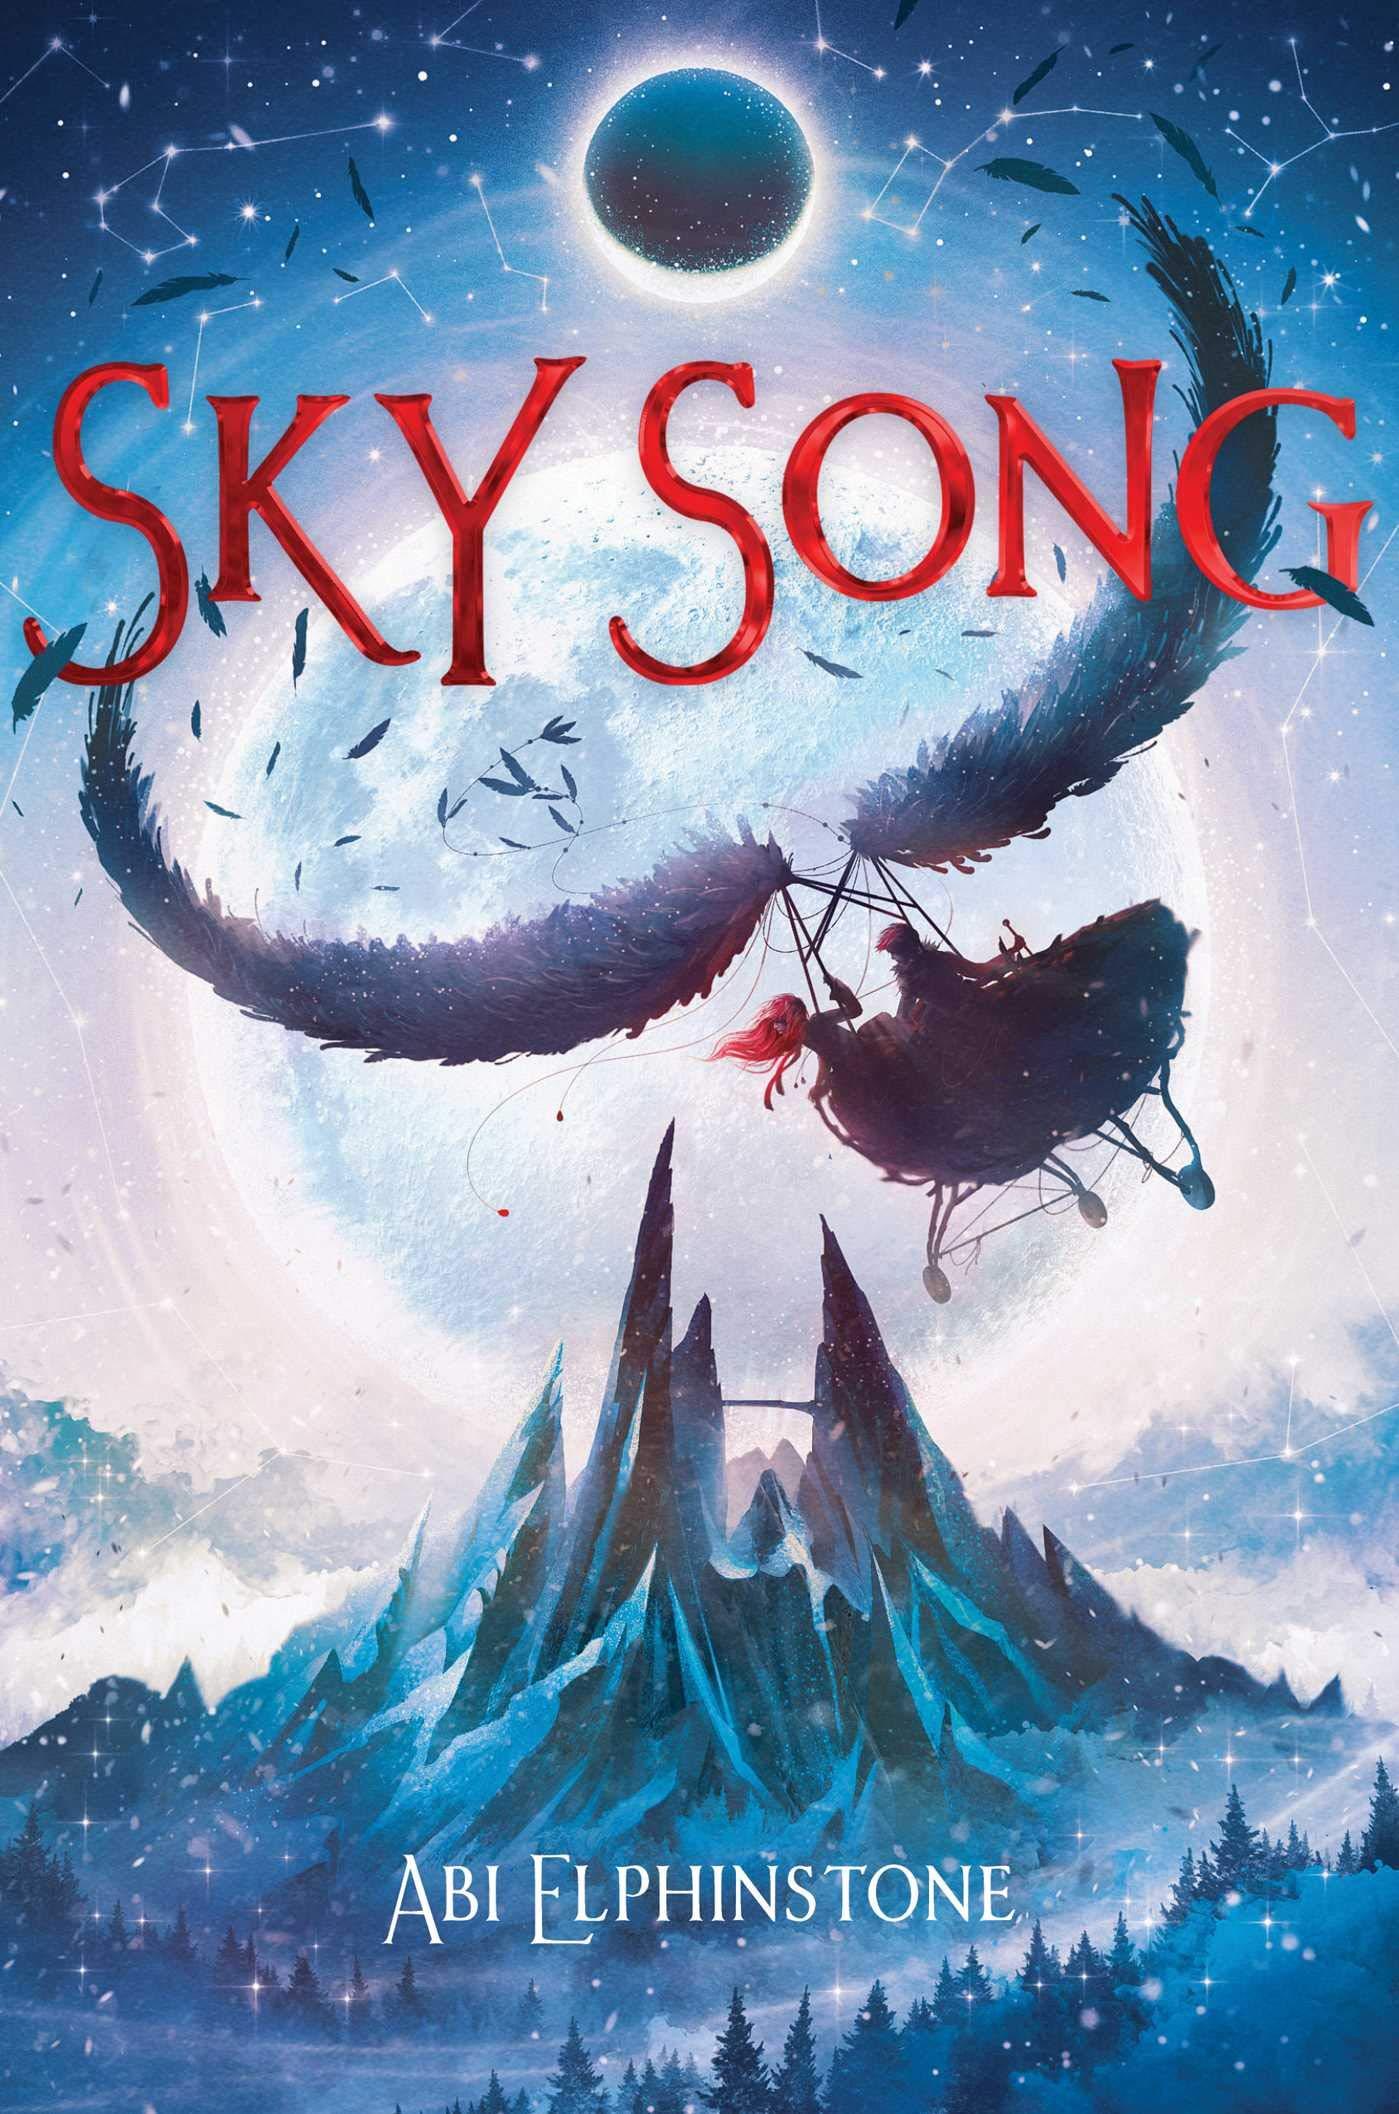 Sky Song: Amazon.es: Elphinstone, Abi: Libros en idiomas extranjeros